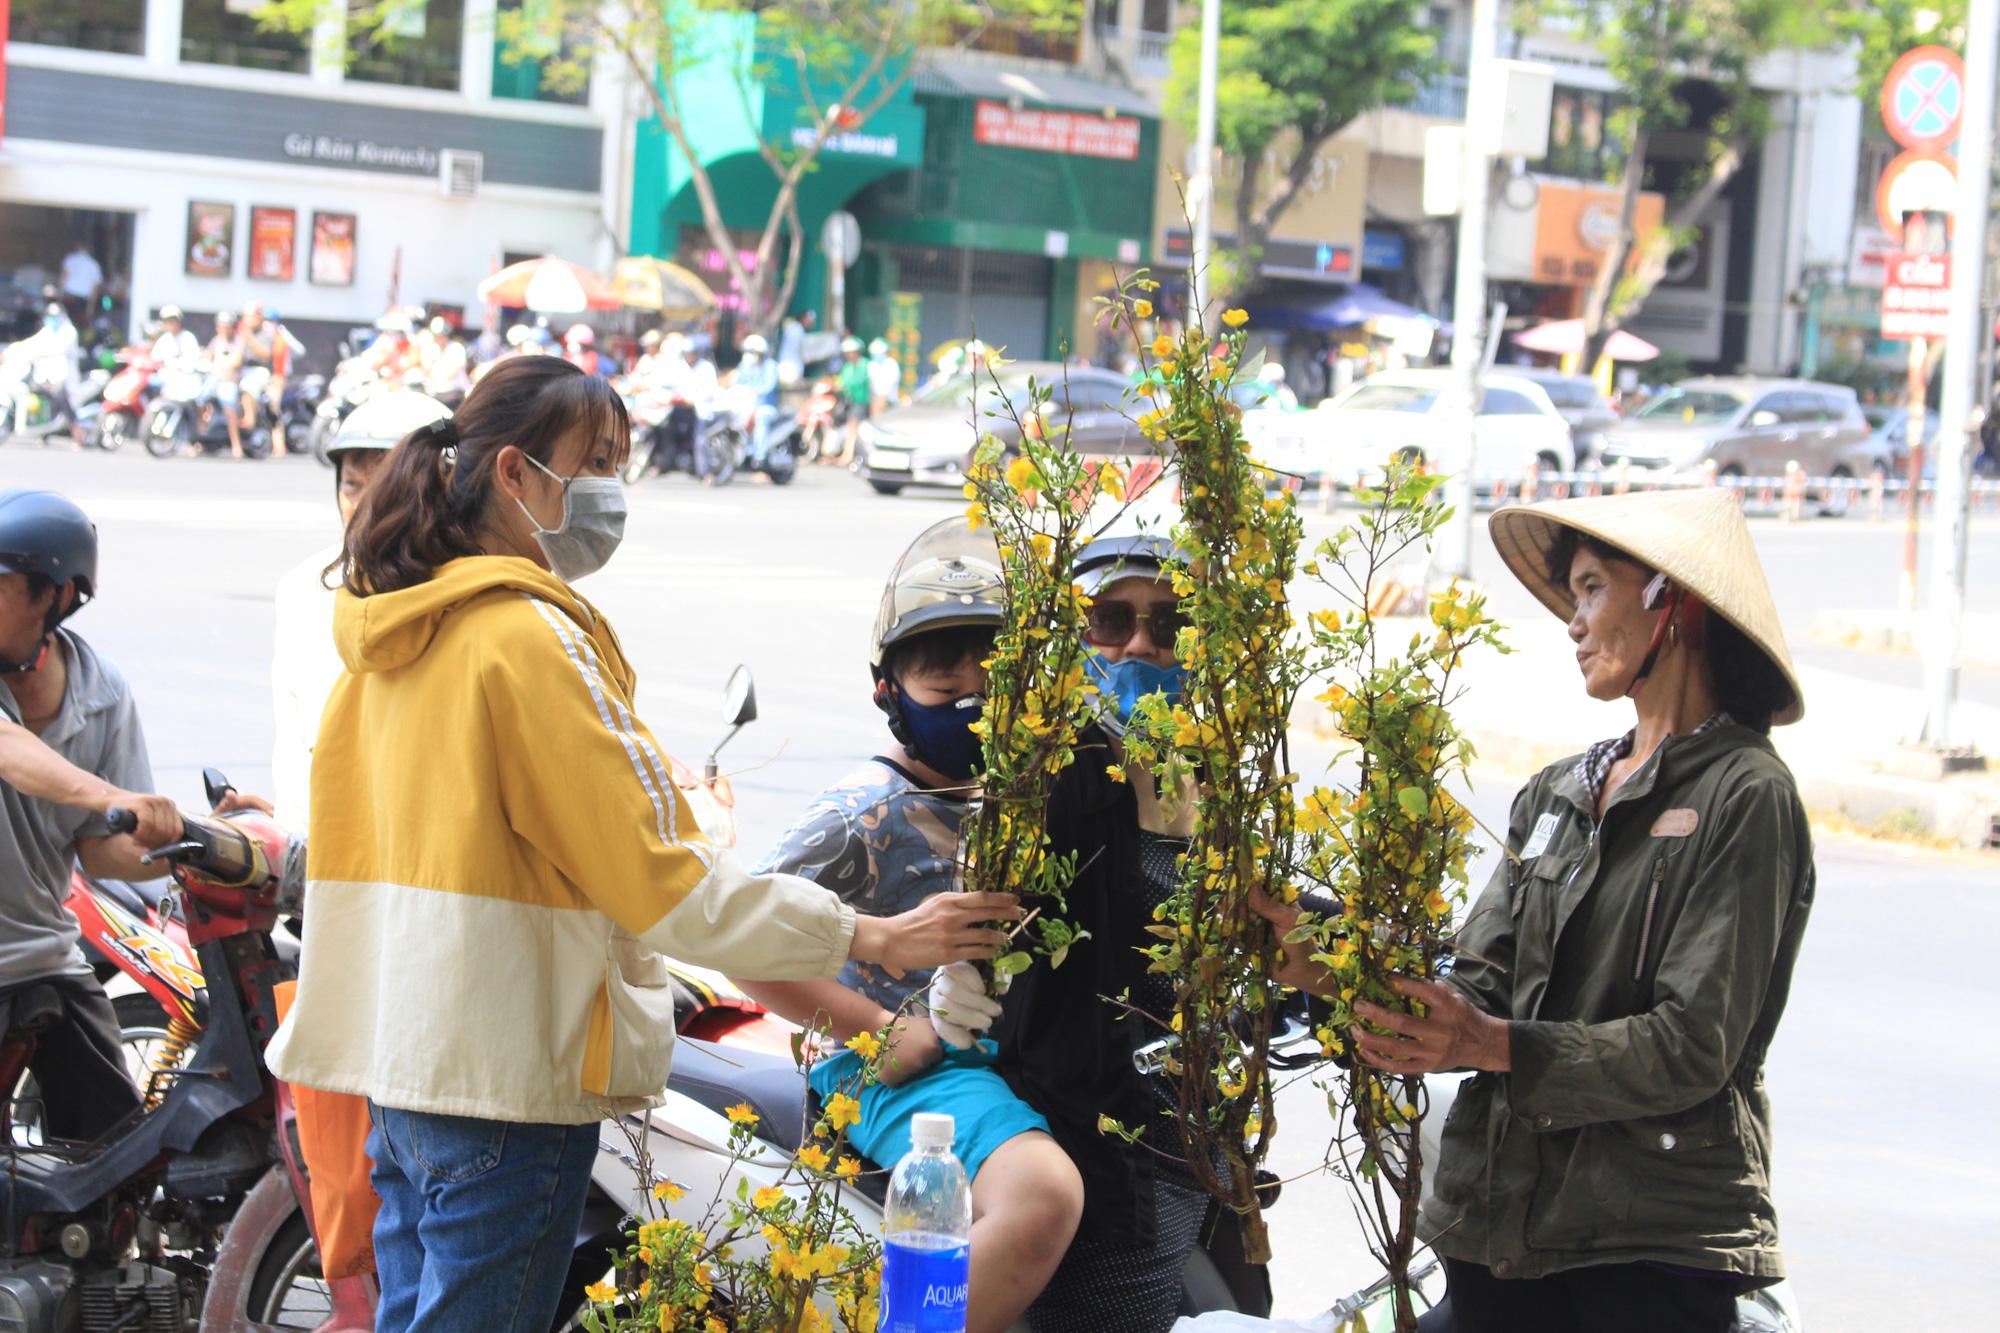 Trưa 30 Tết, mai, đào, hướng dương bán rẻ như cho 50.000 đồng một cây ở chợ hoa Sài Gòn - Ảnh 13.